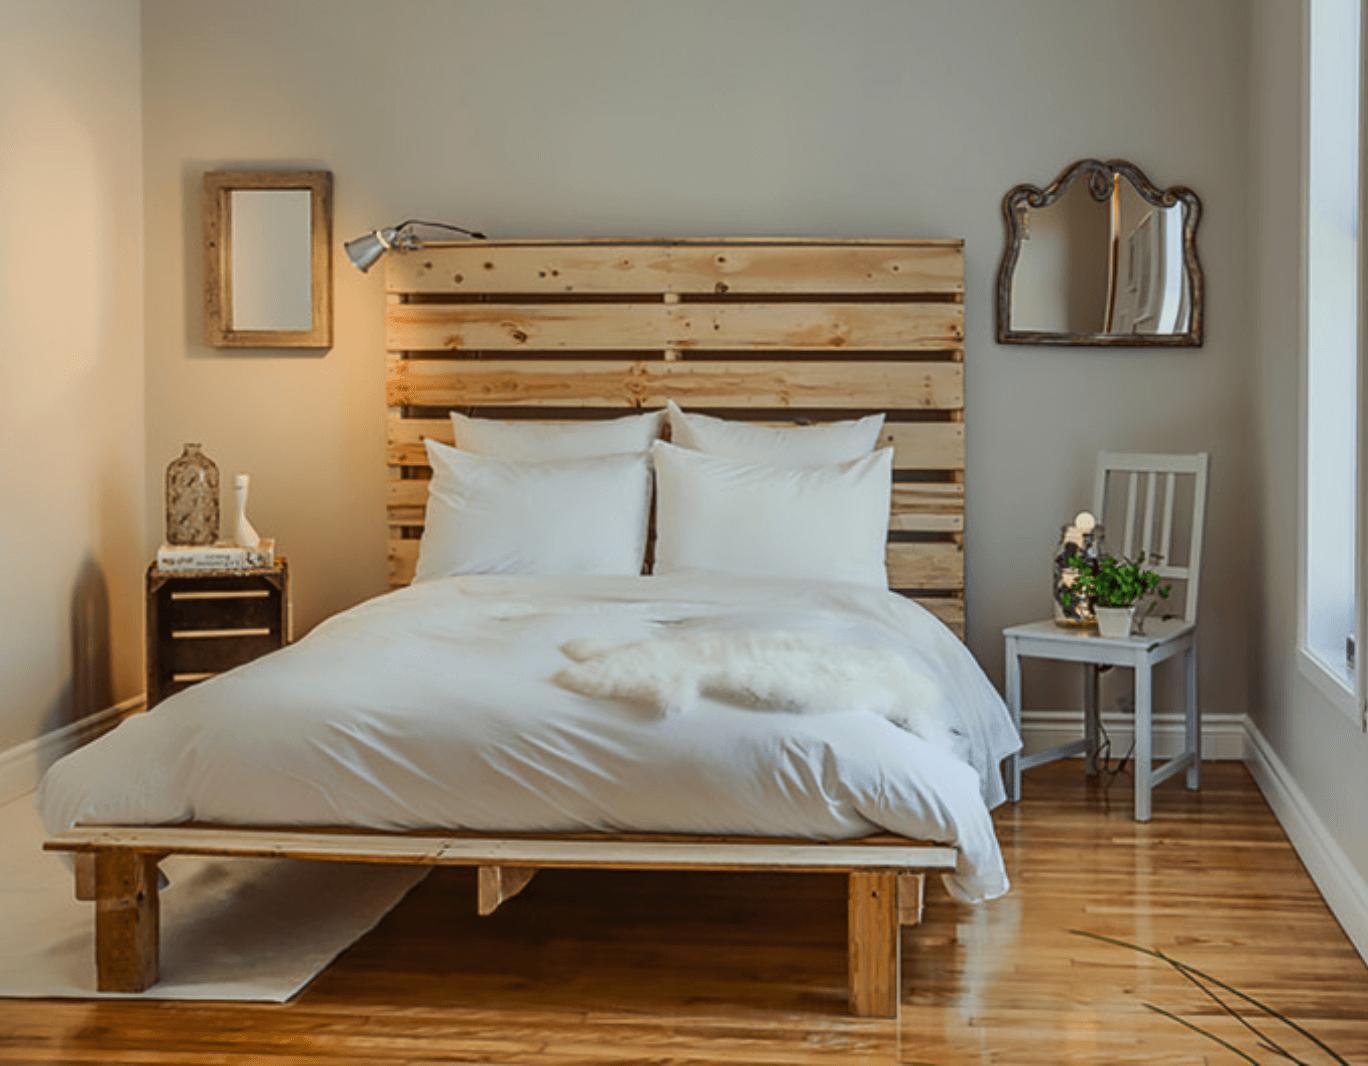 Decoração com cama e cabeceira de pallet